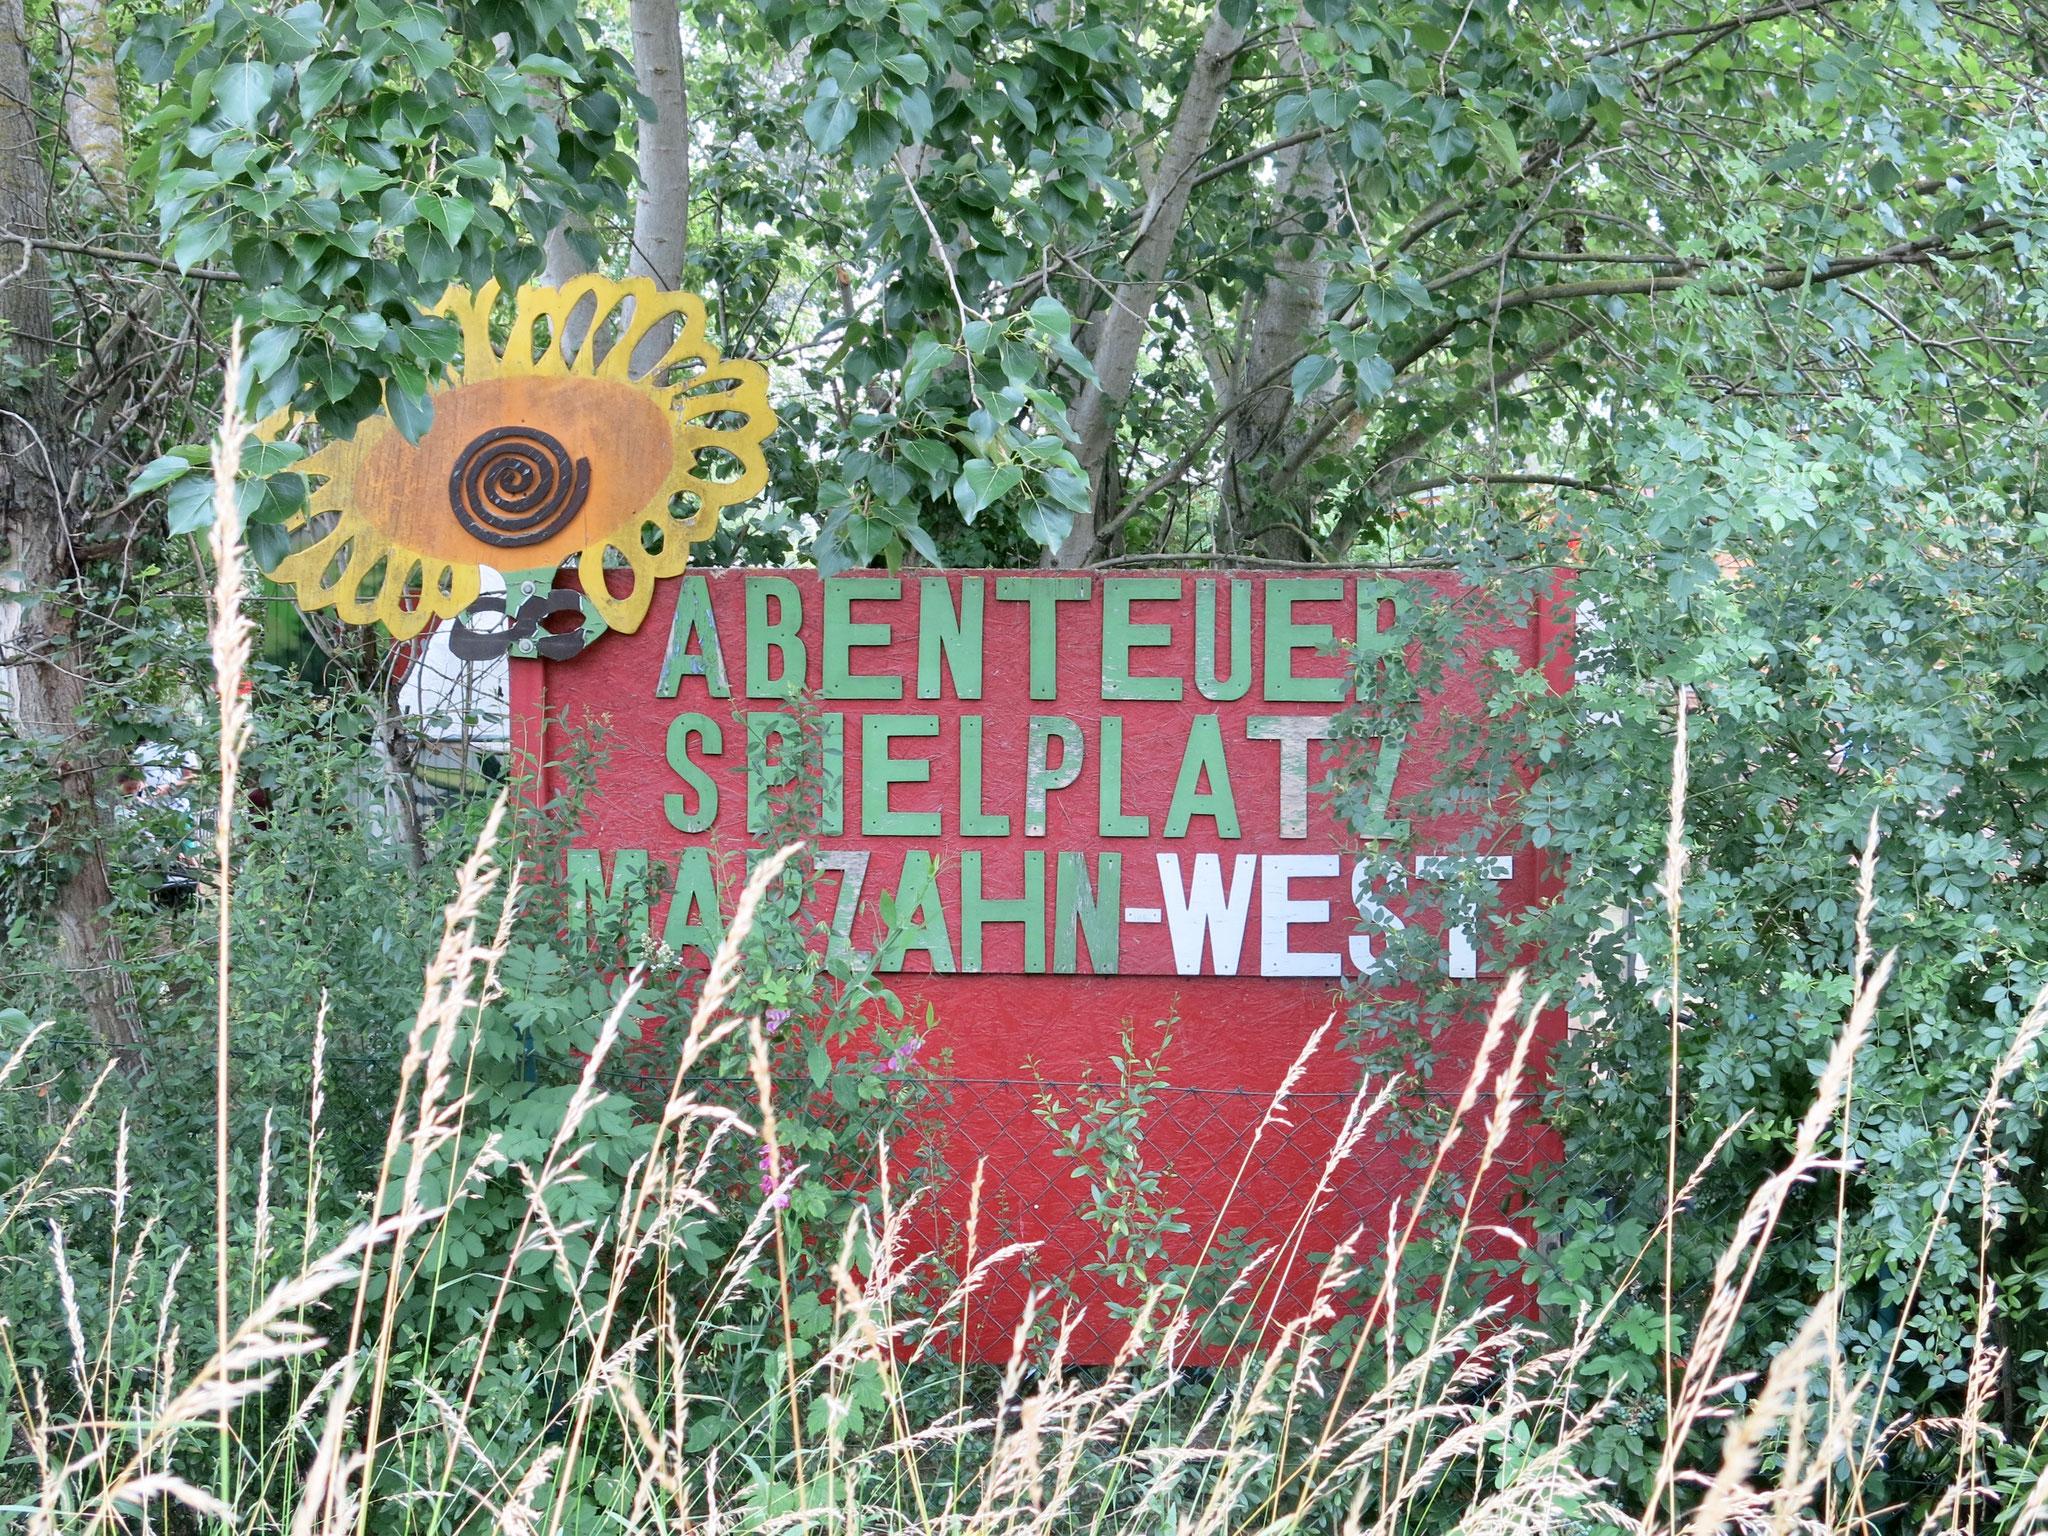 Sa, 17.07. | 17.00 Uhr: Open-Air-Lesung auf dem Abenteuerspielplatz Marzahn-West